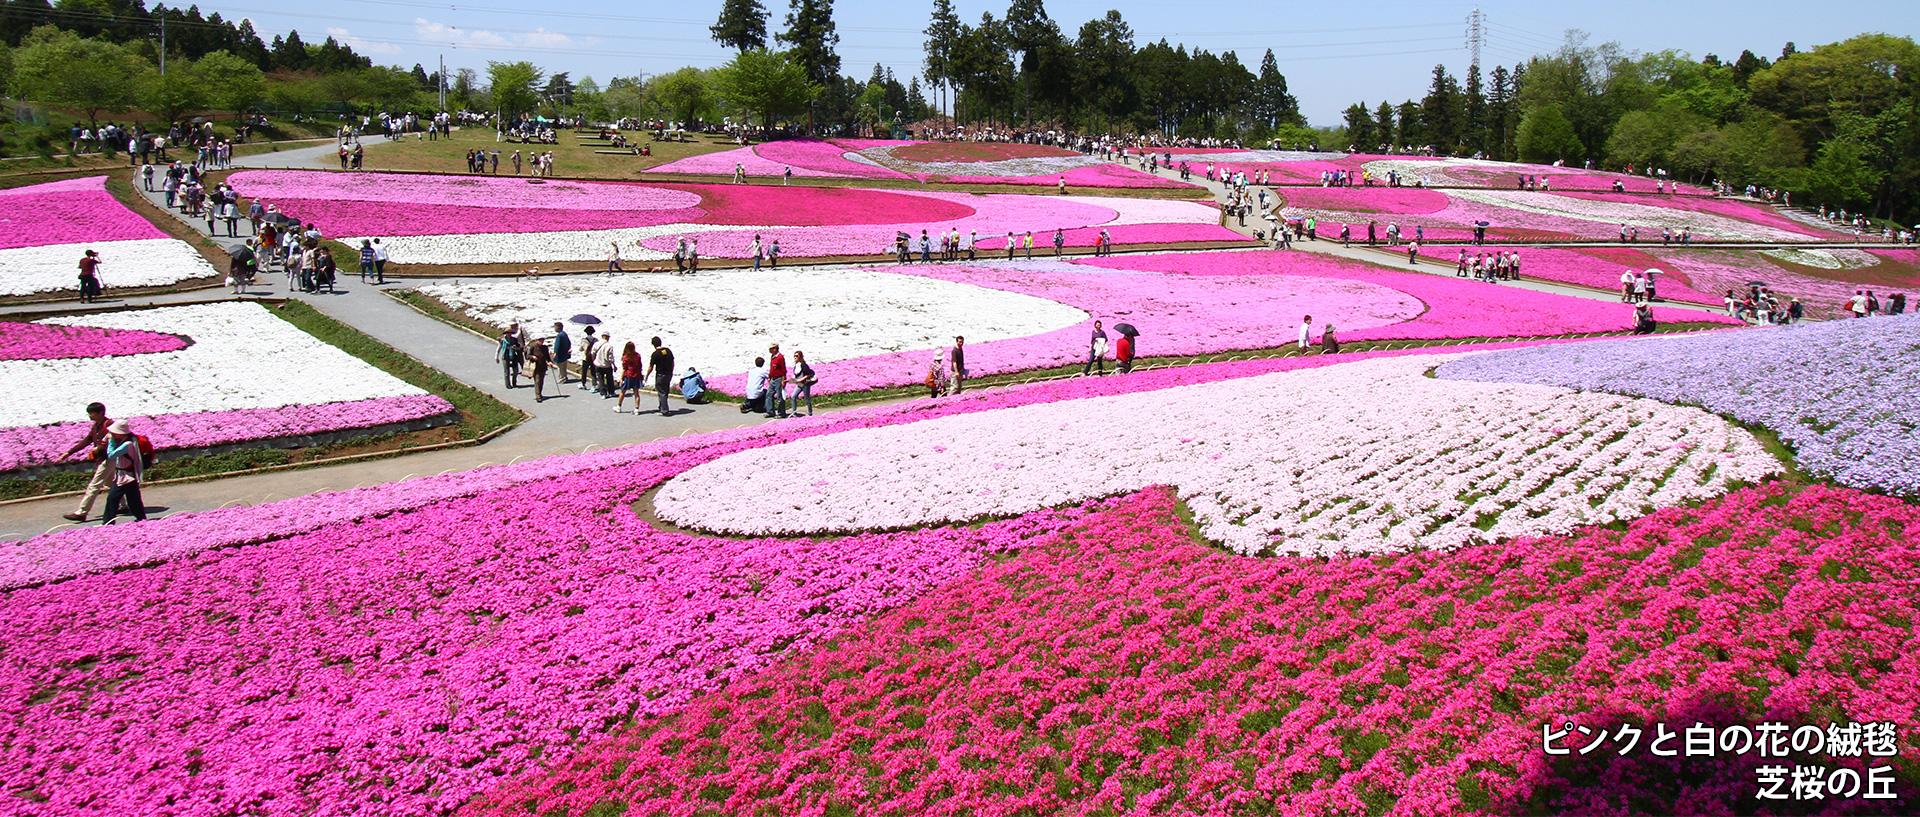 ピンクと白の花の絨毯 芝桜の丘